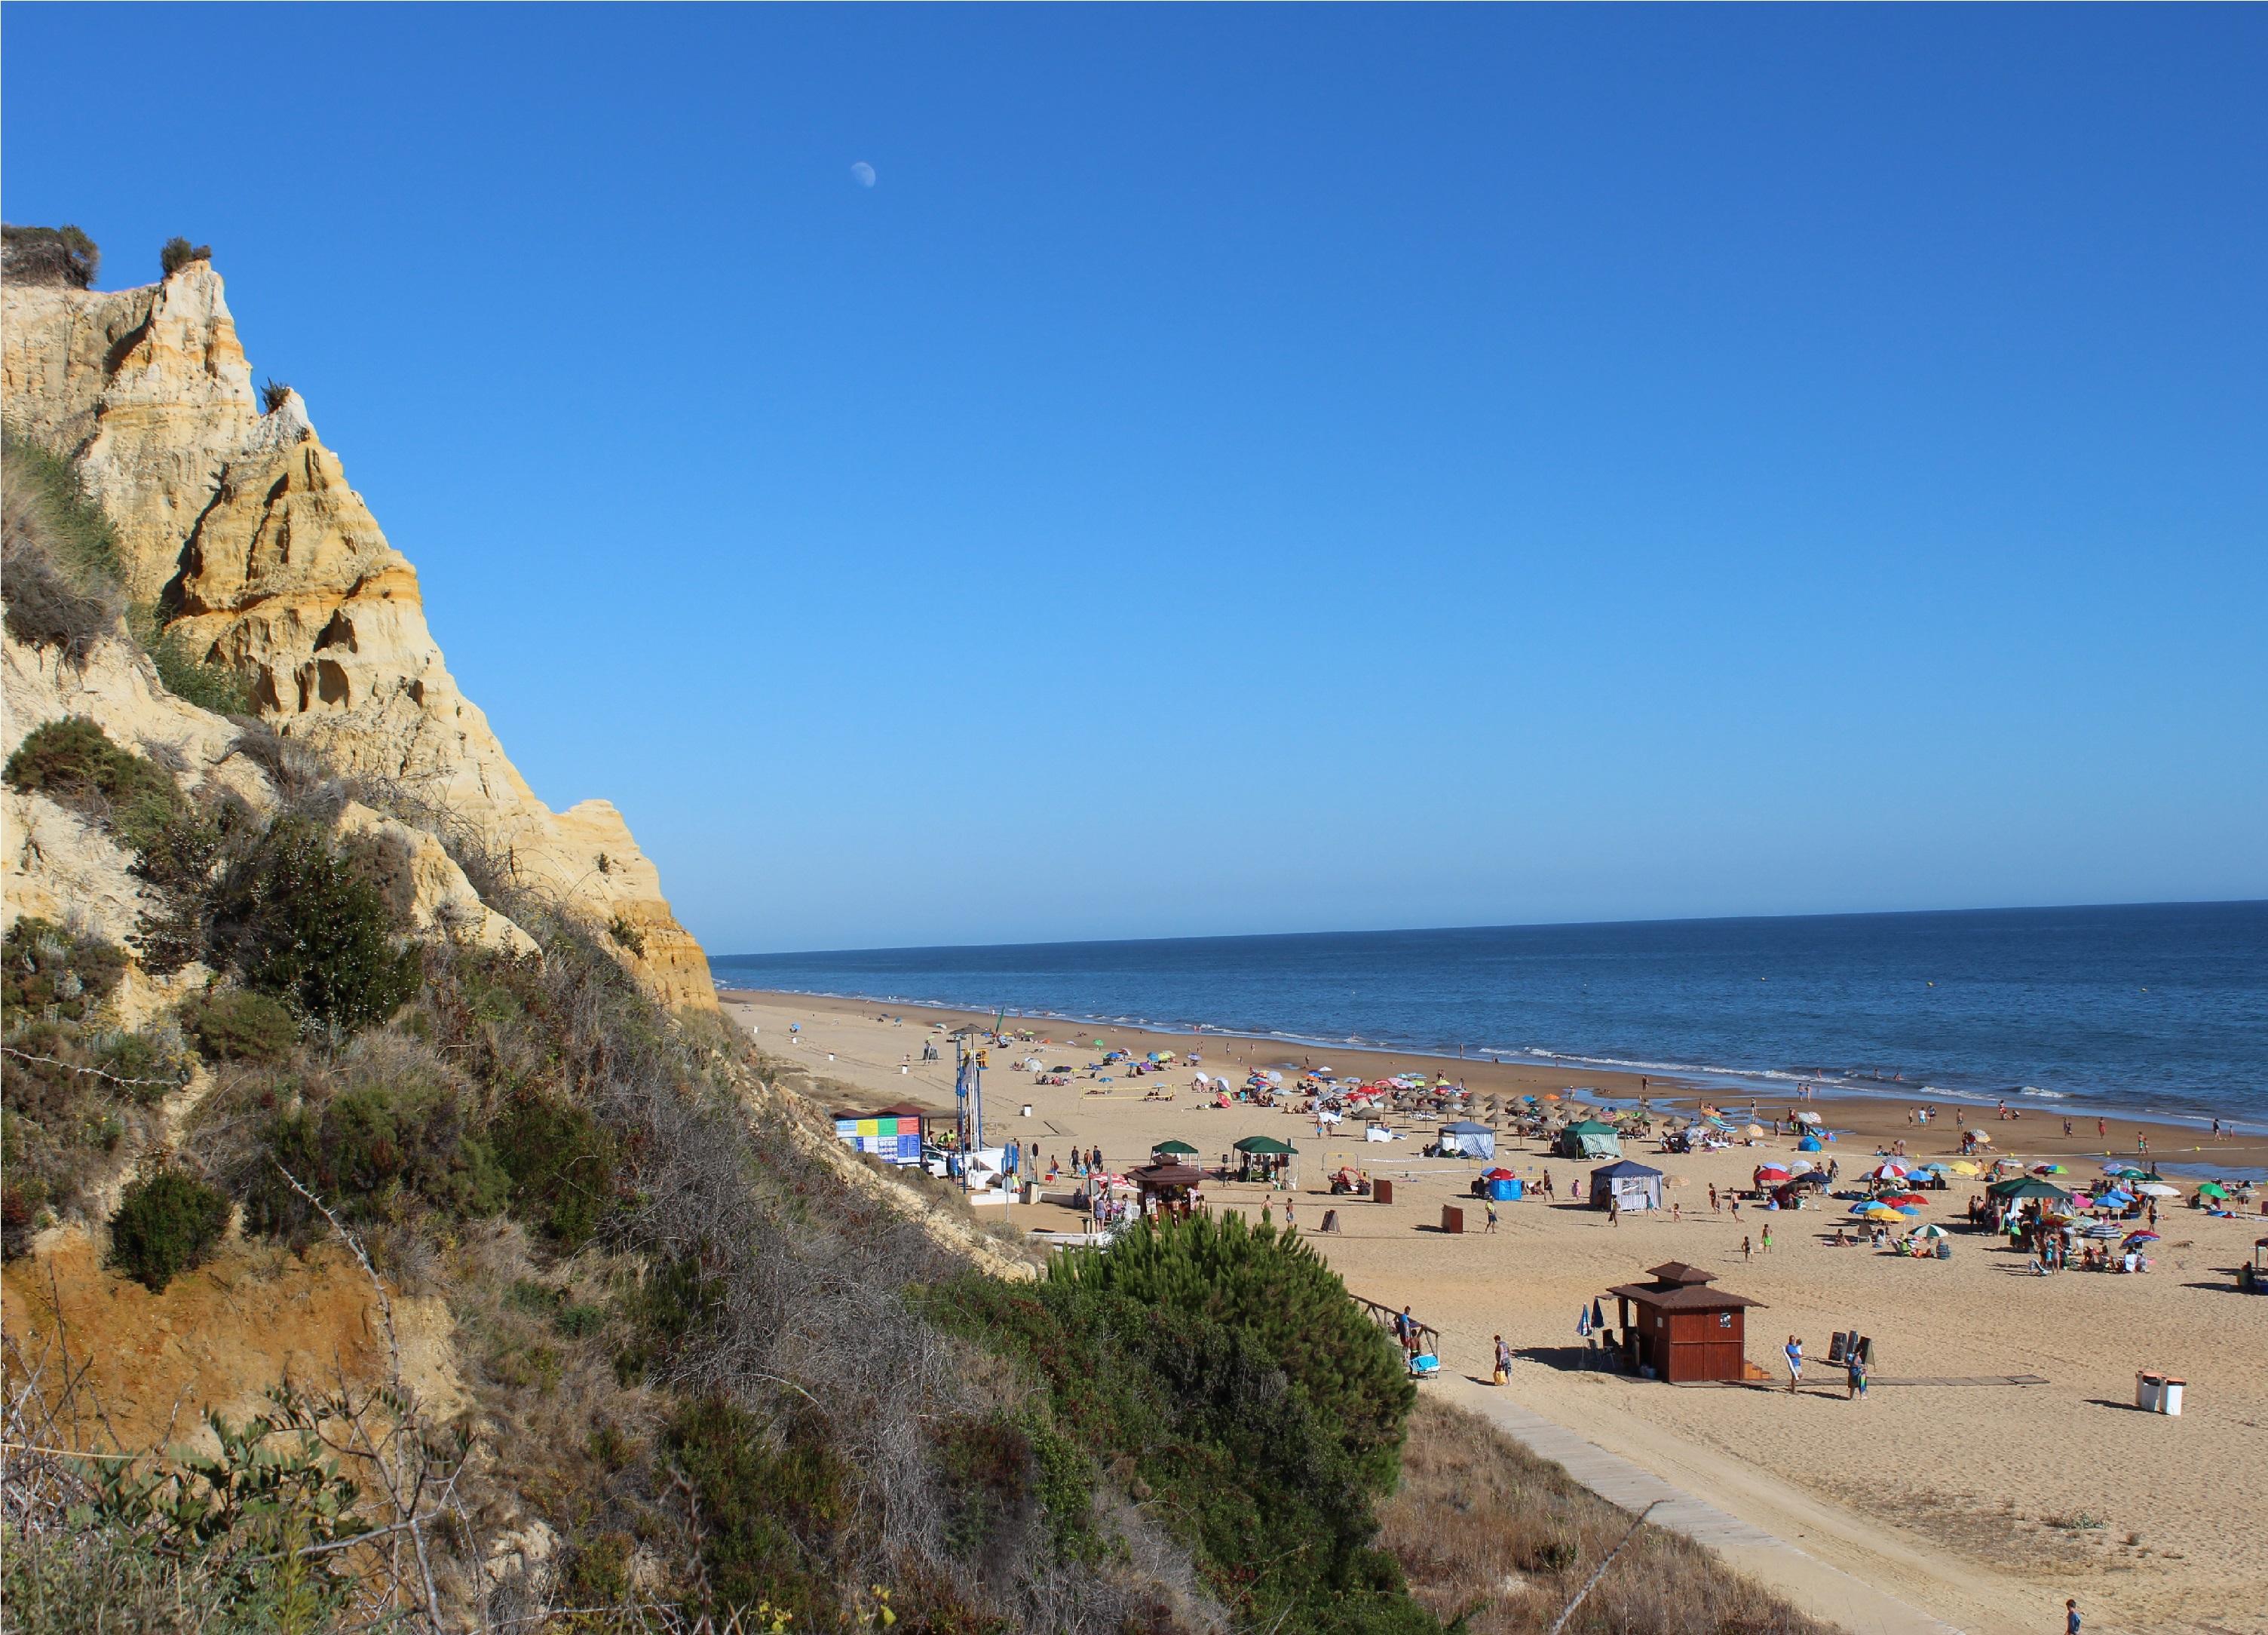 Playa del Parador5 / M. Bautista